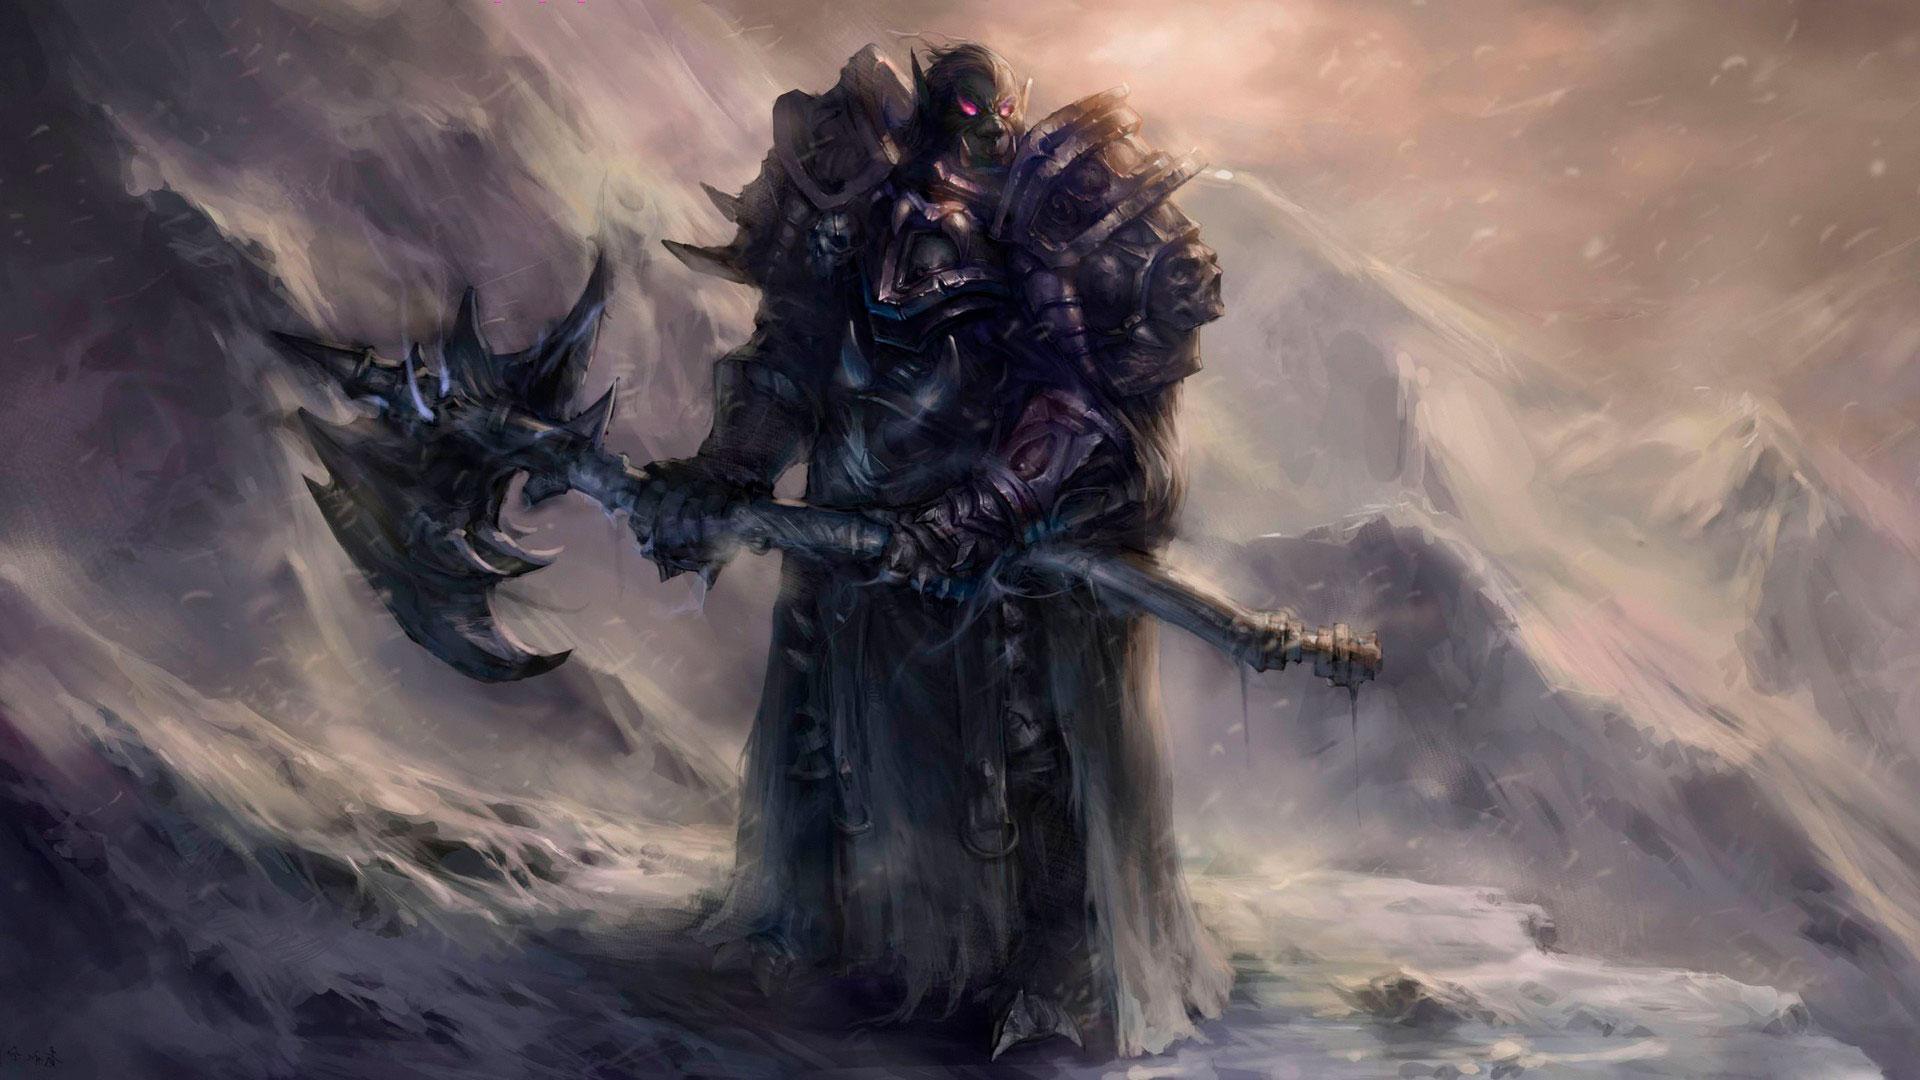 World of Warcraft красивые и крутые обои для рабочего стола 3